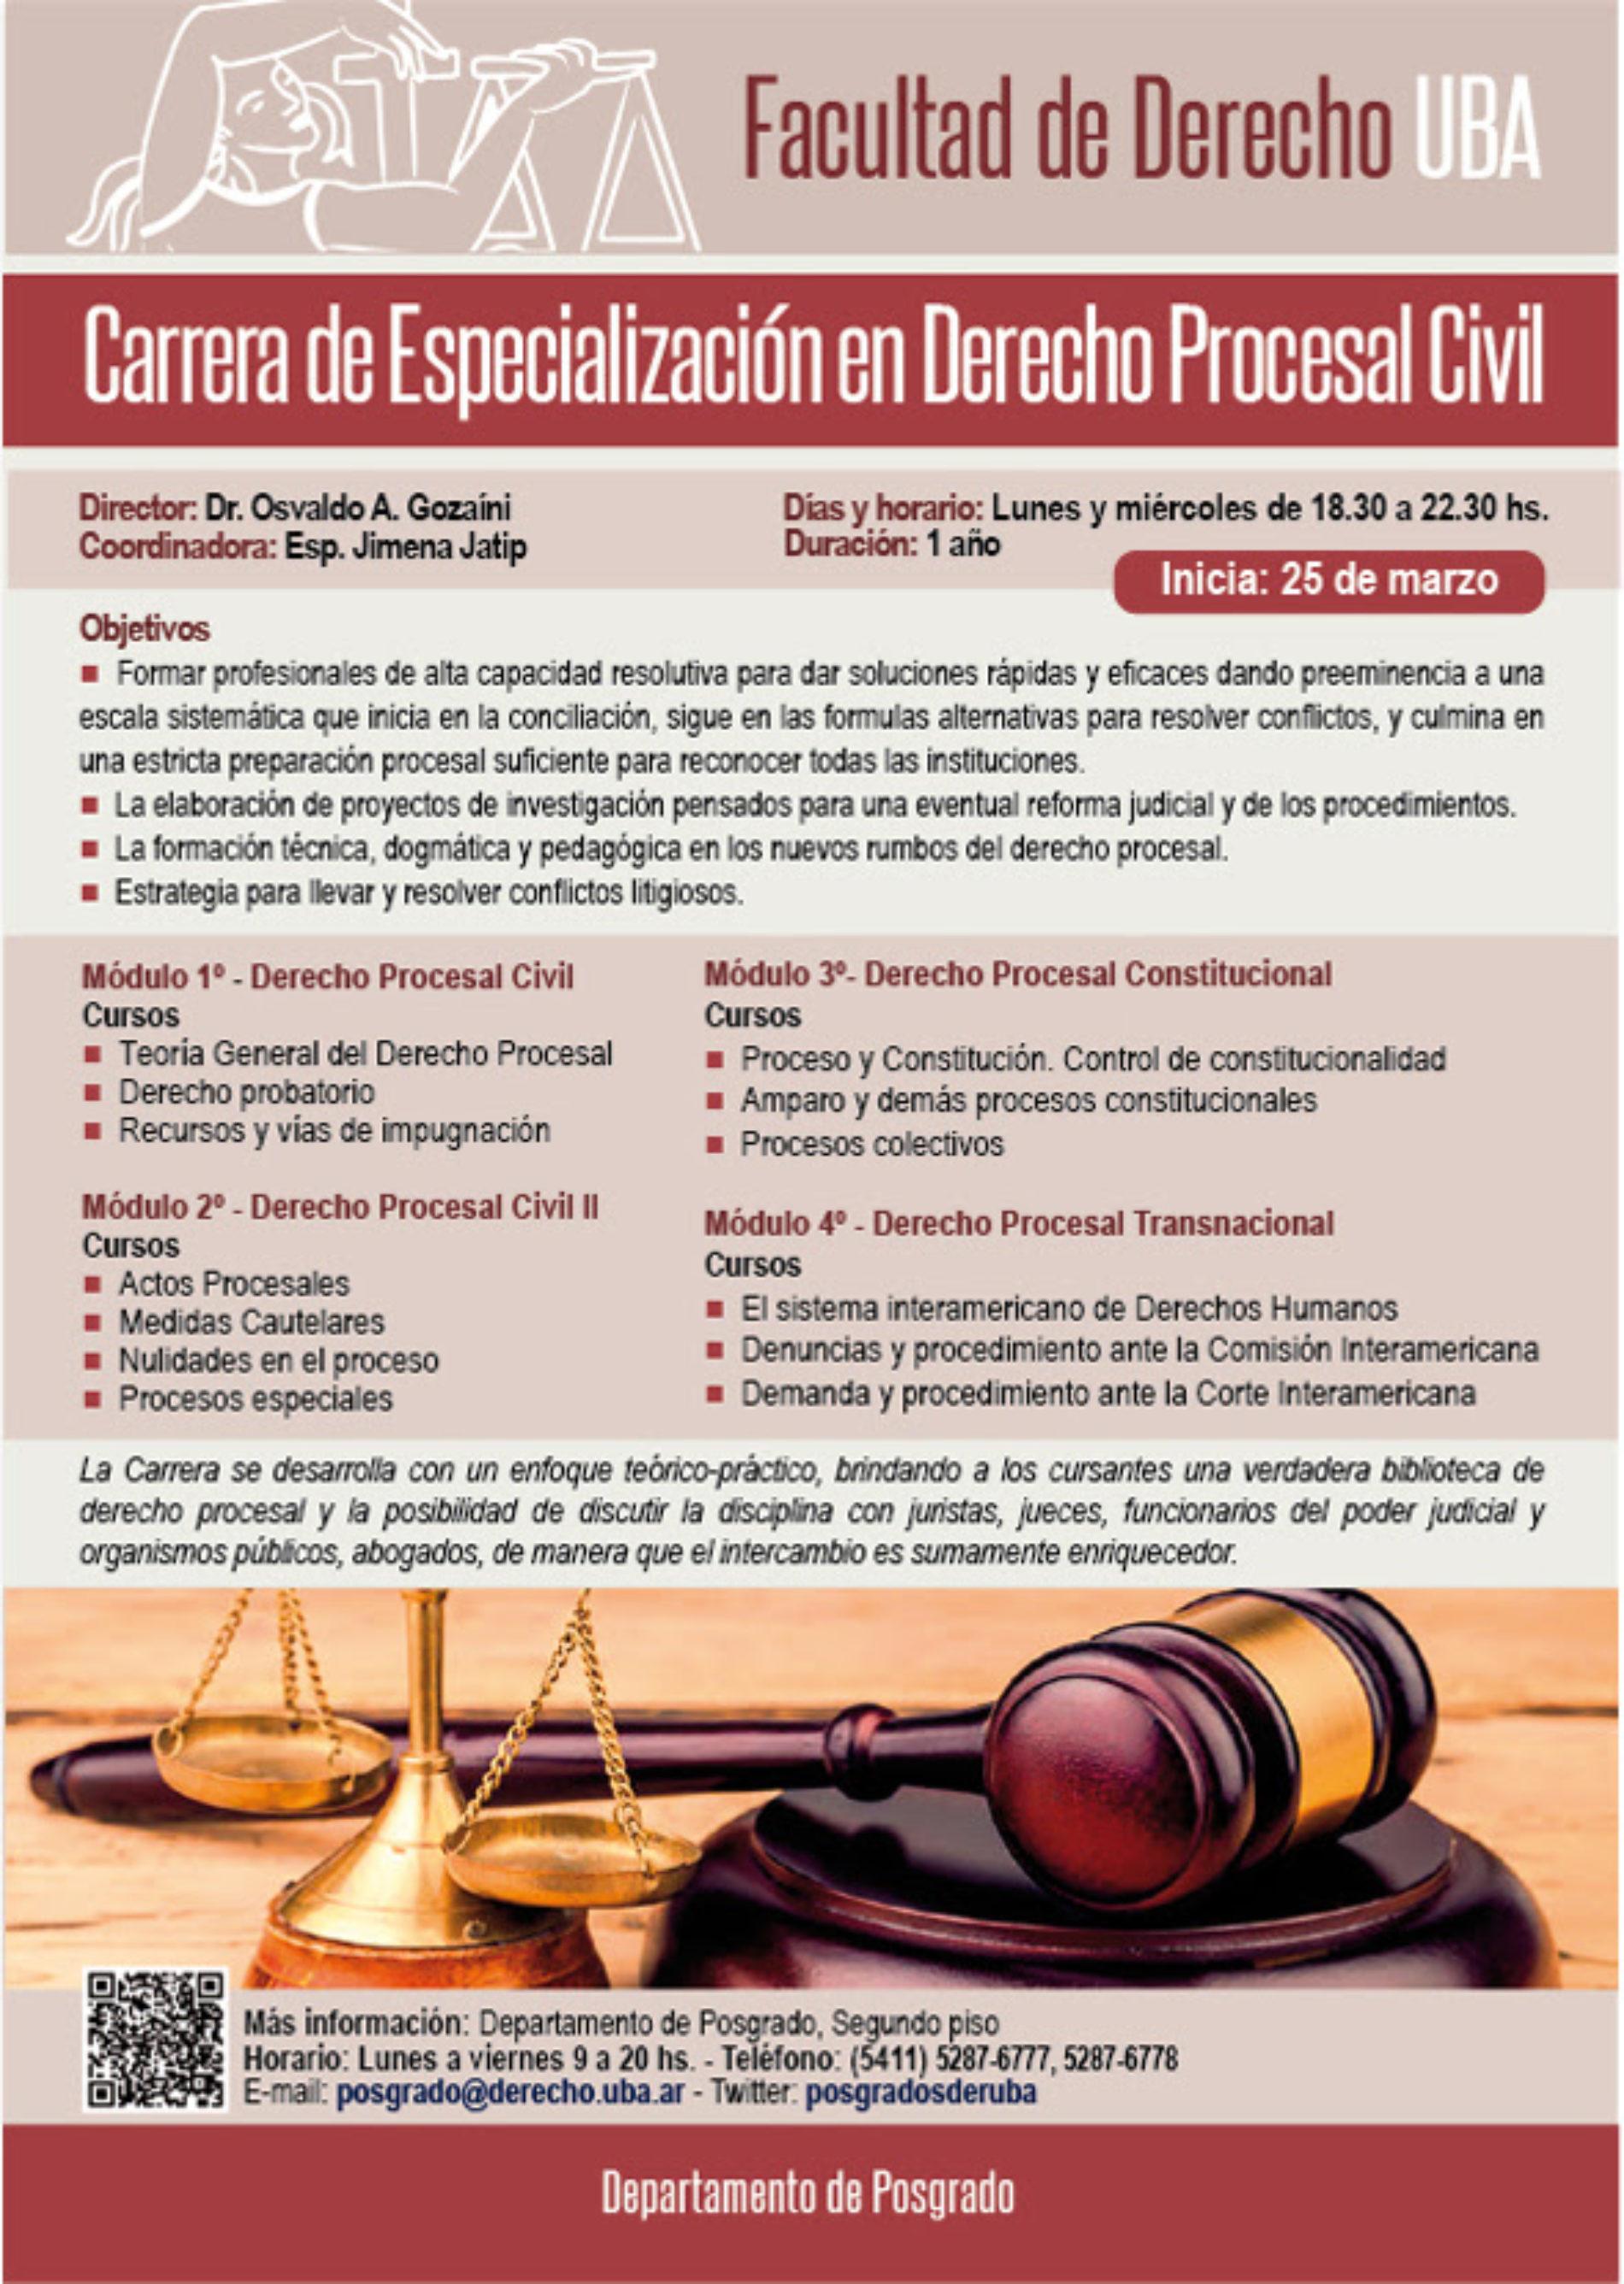 «Carrera de Especialización en Derecho Procesal Civil»